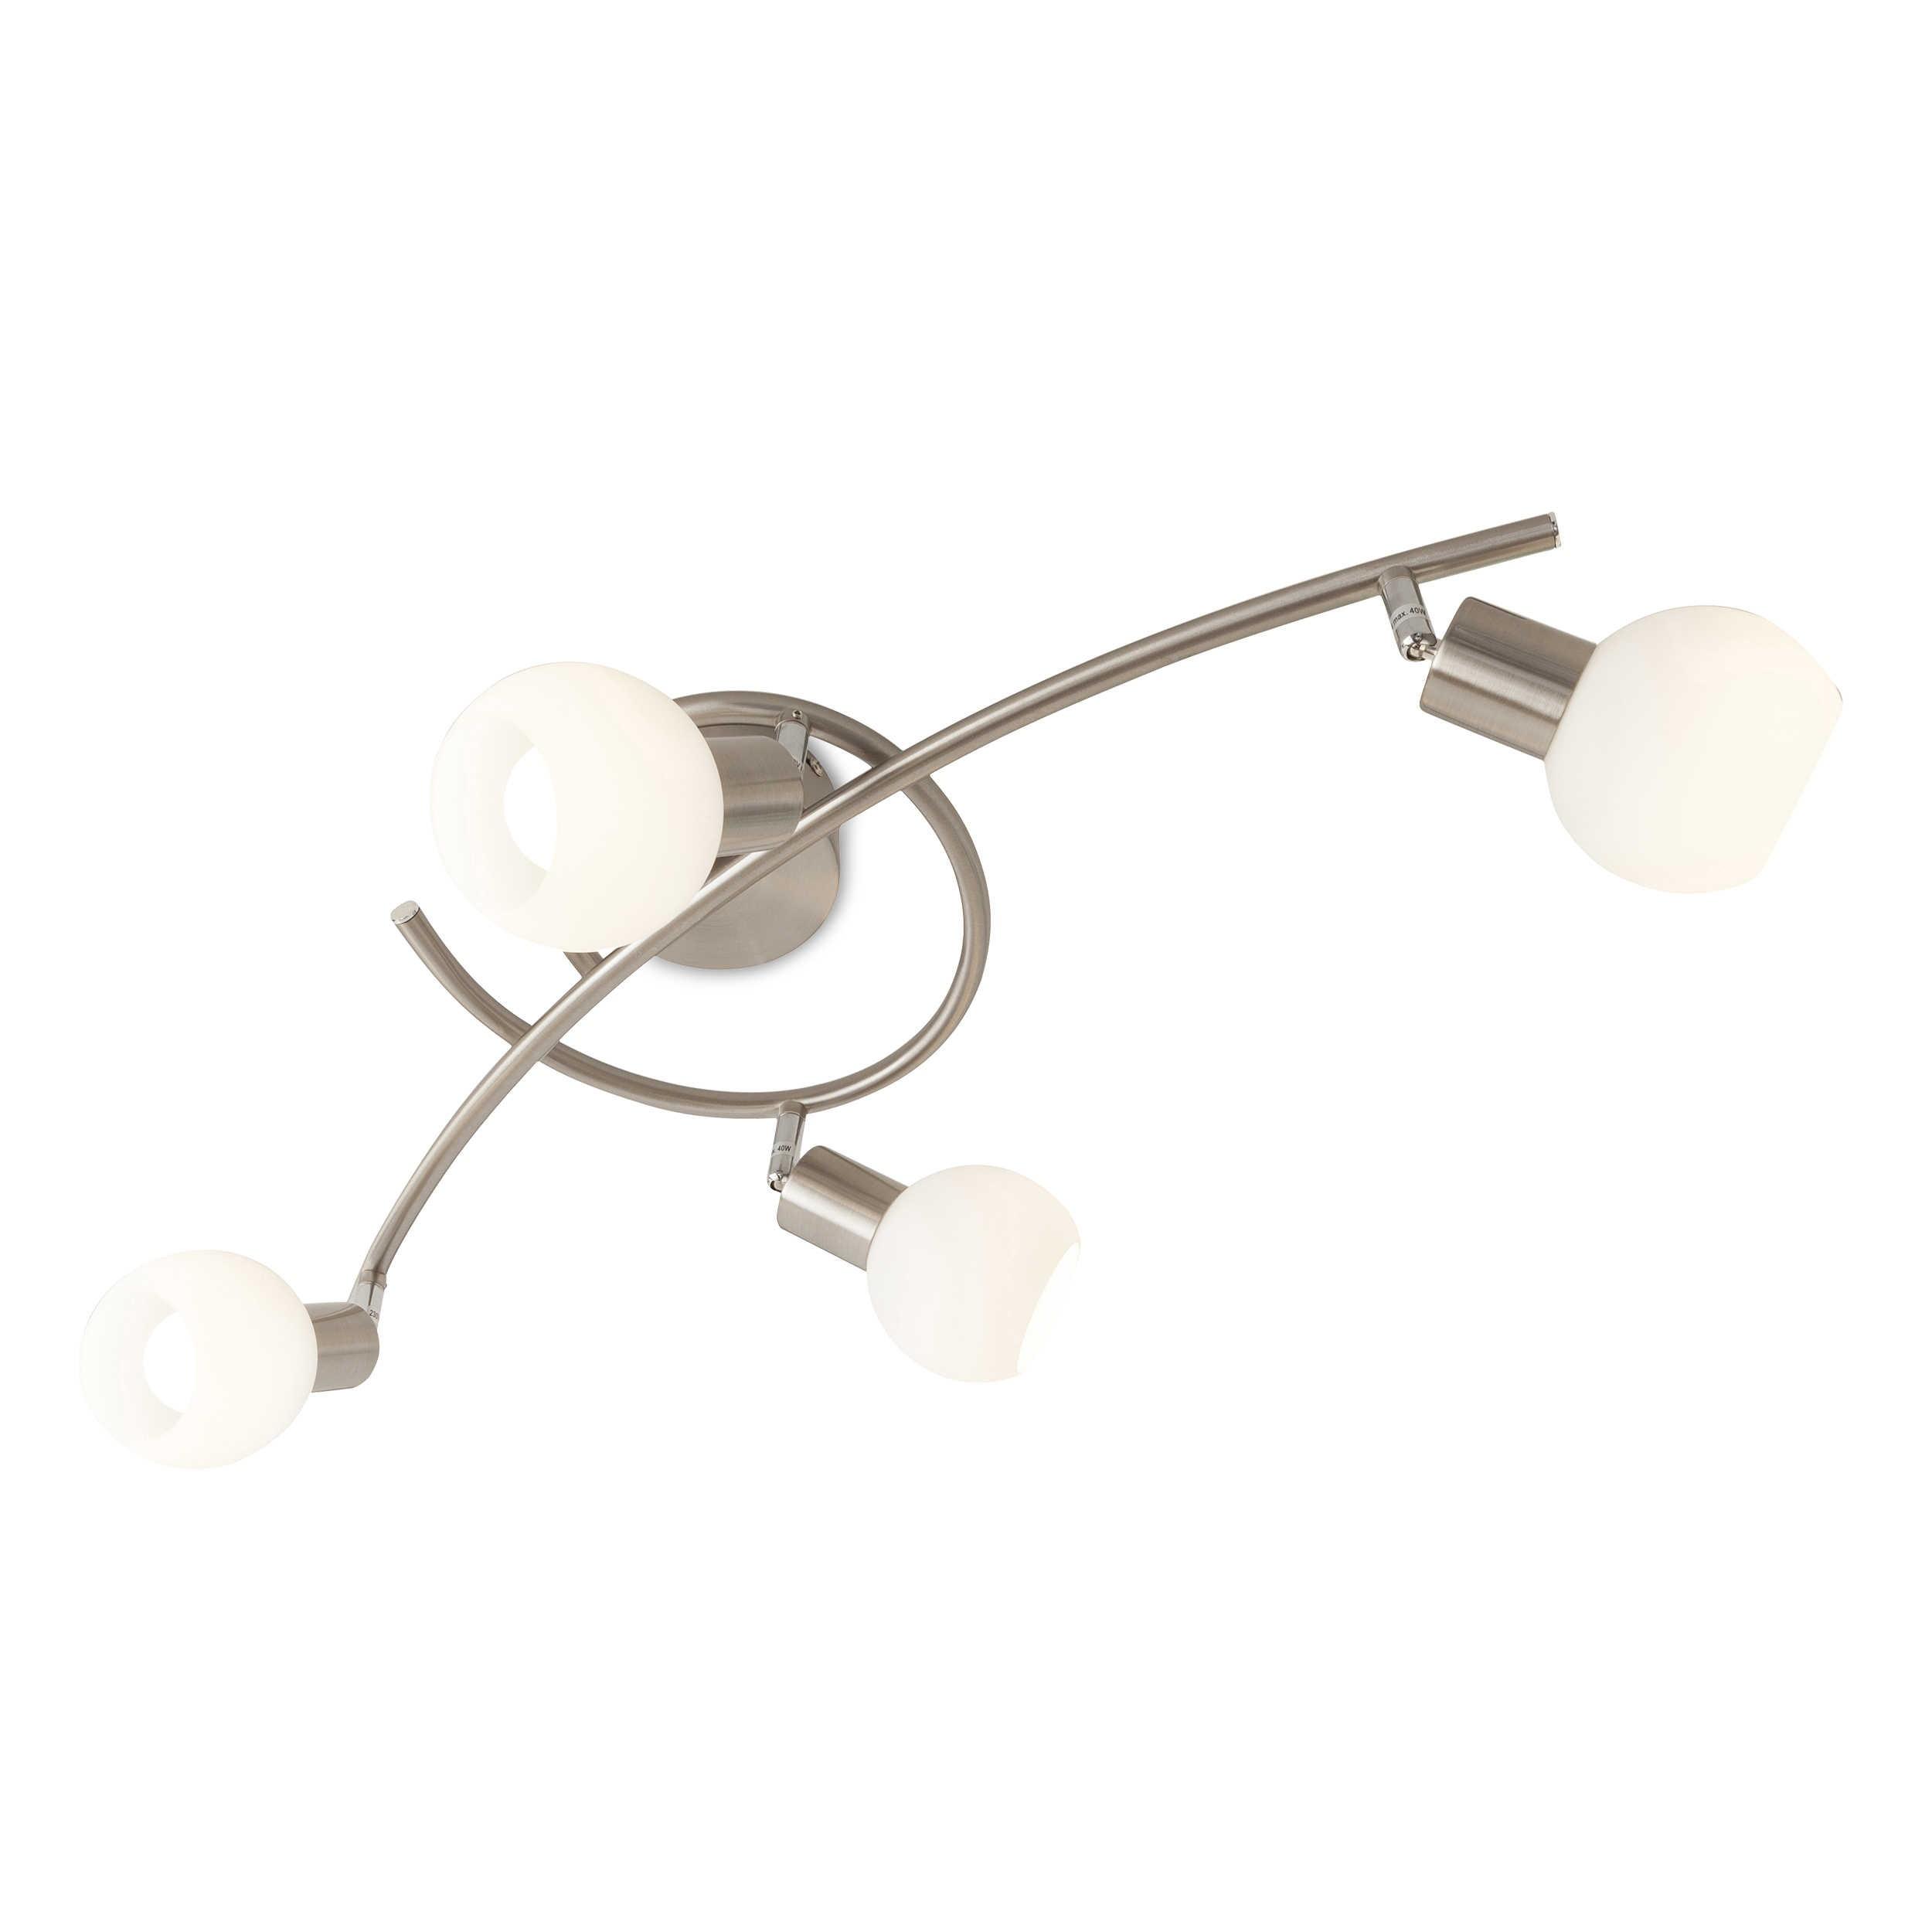 reality leuchten led deckenleuchte loxy a nickel chrom alu nickel stahl online kaufen bei woonio. Black Bedroom Furniture Sets. Home Design Ideas